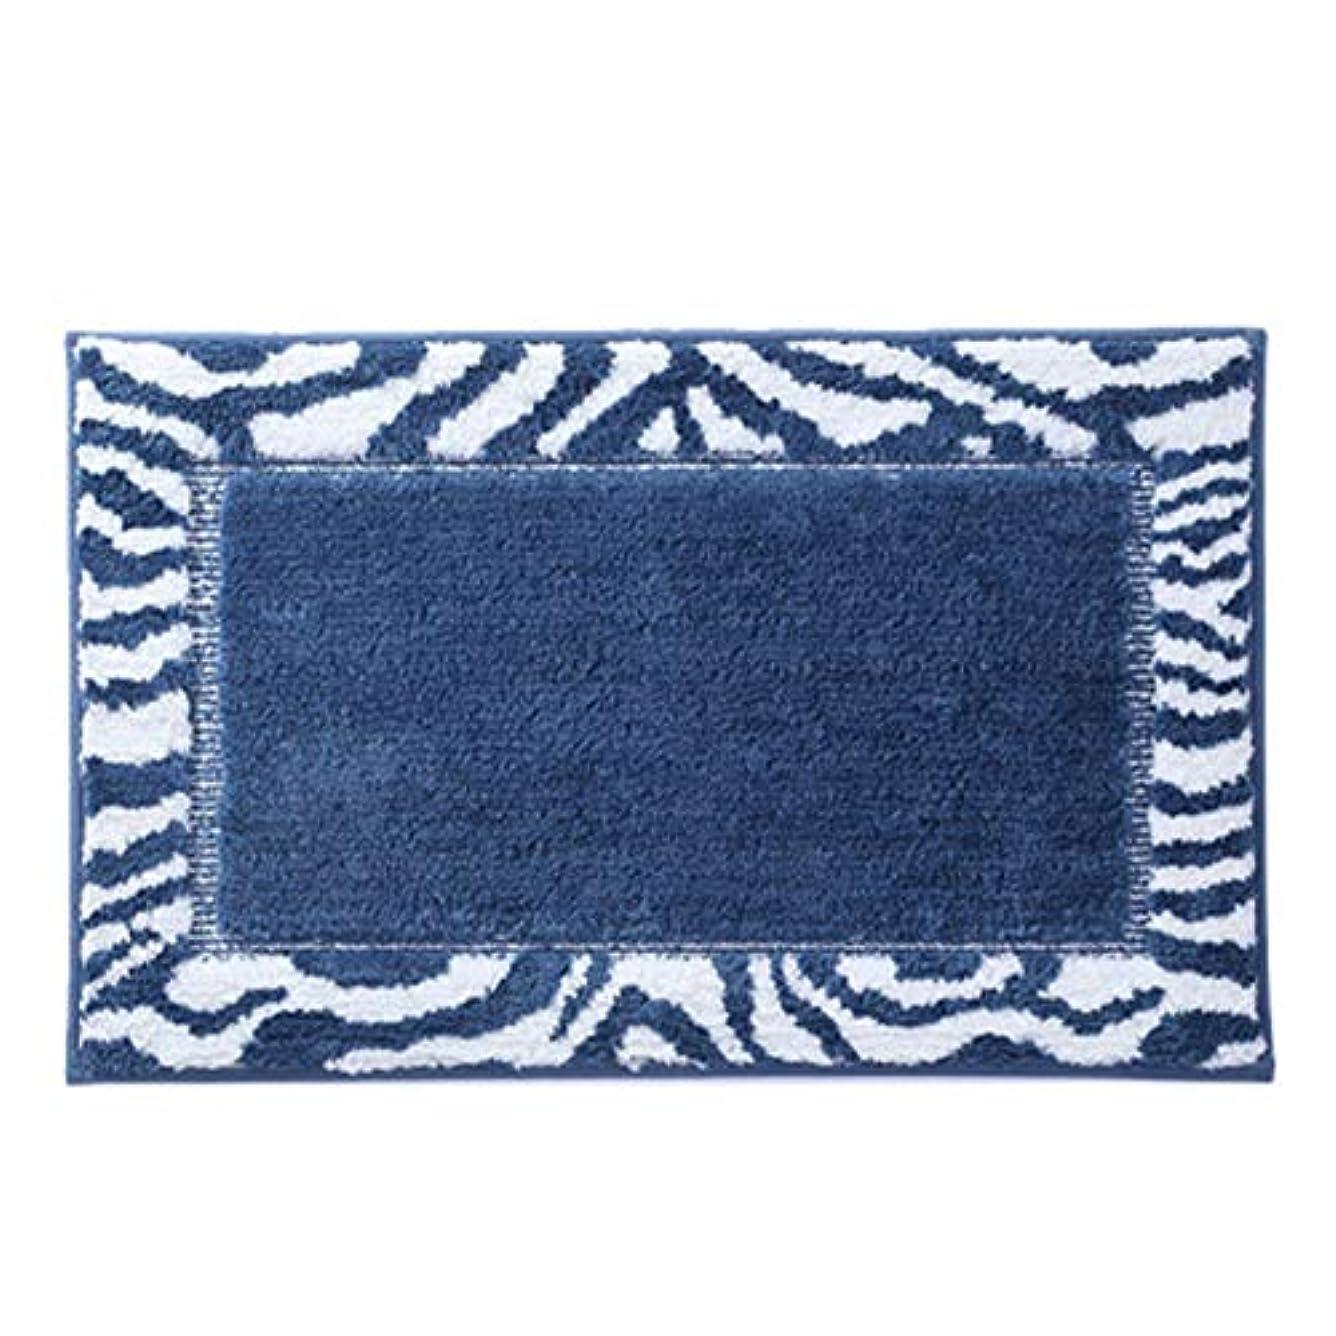 防水滑り止めマット柔らかいふわふわバスルームマット厚いパッドドアマットリビングルームカーペット,ブルー,50X80CM